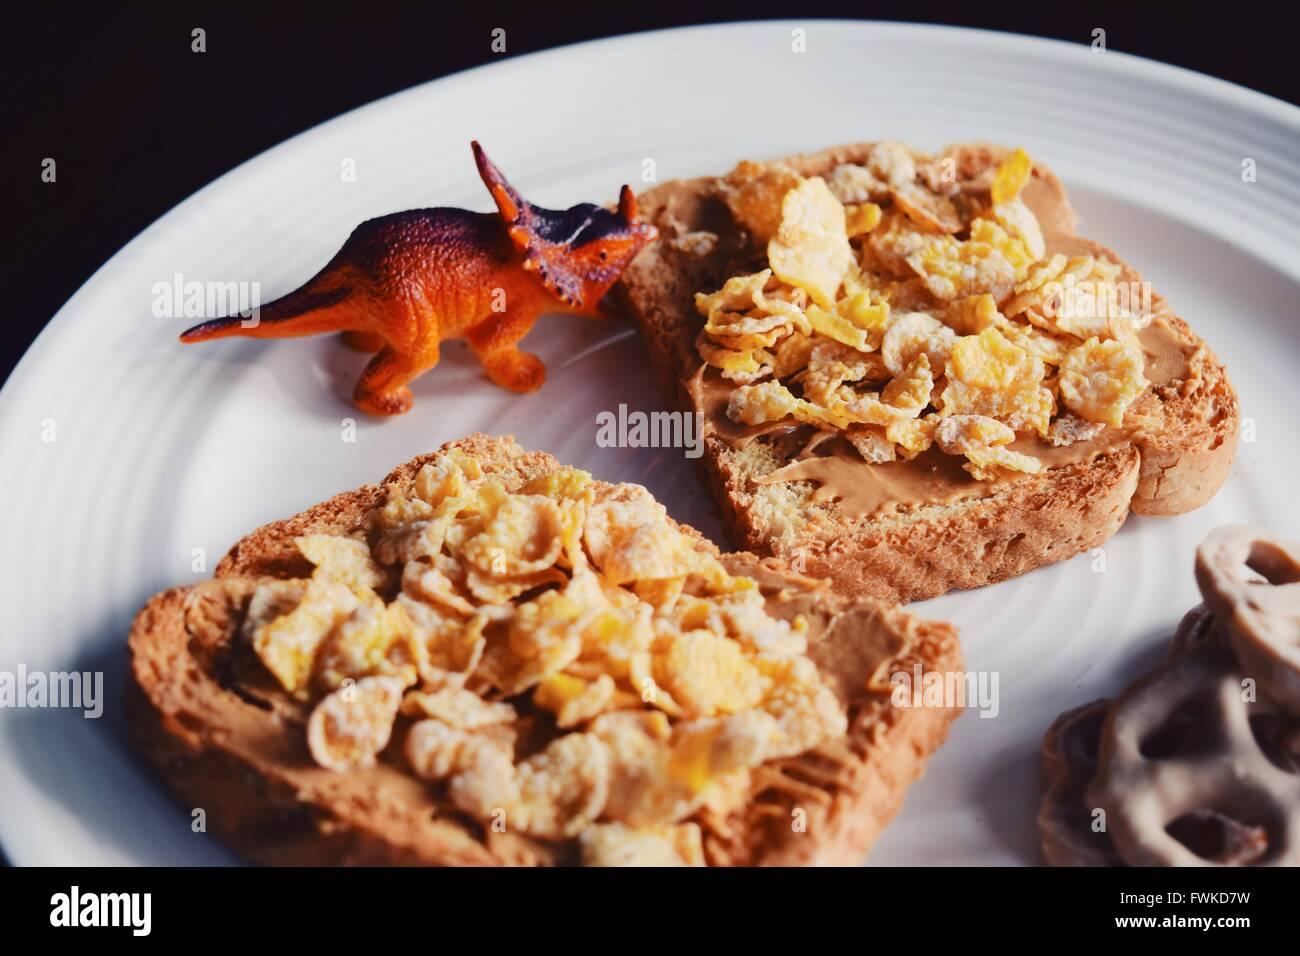 Jouet dinosaure avec petit déjeuner servi dans la plaque Photo Stock